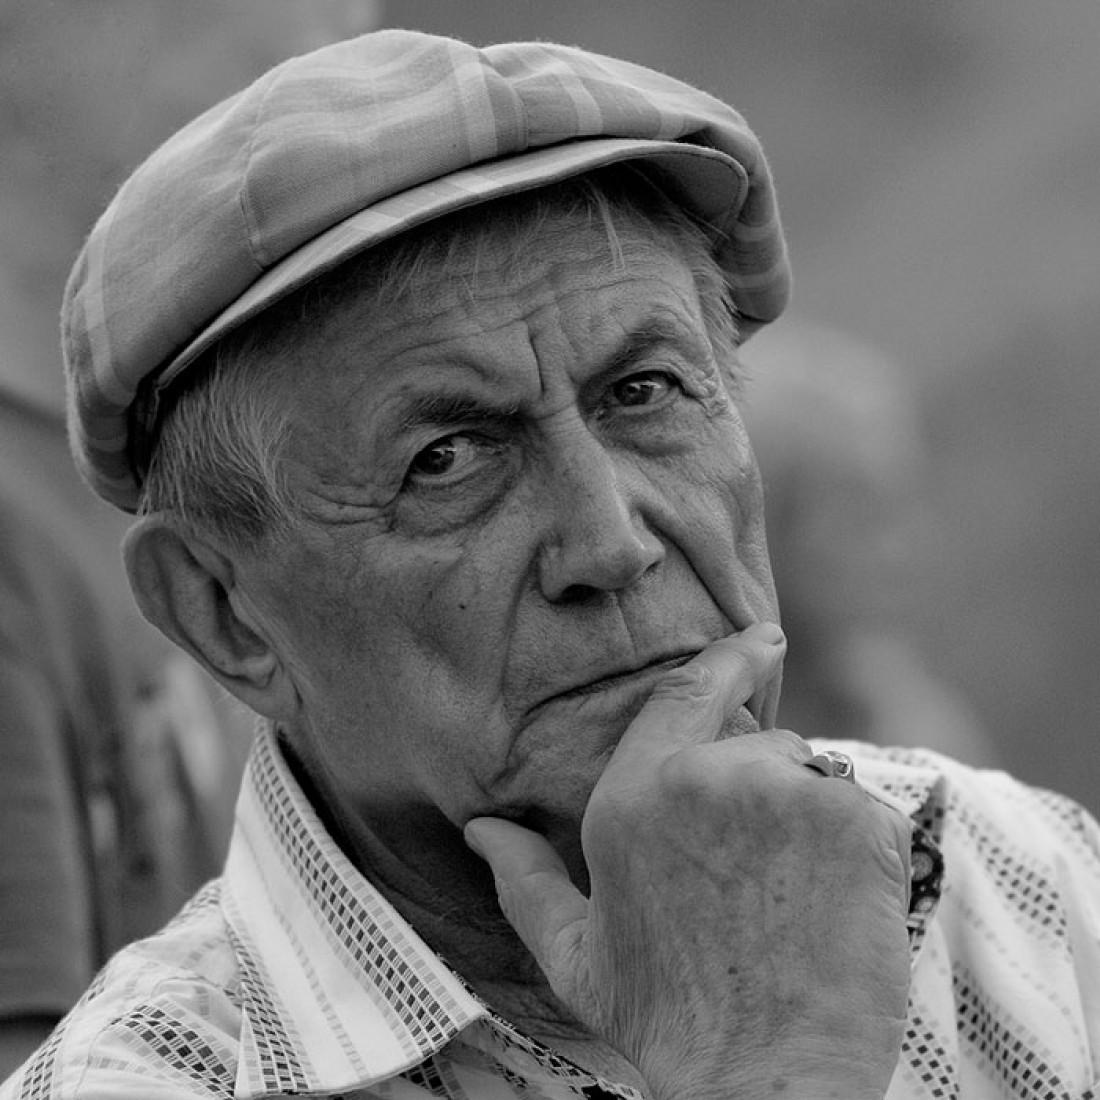 Умер Евгений Евтушенко – известный поэт